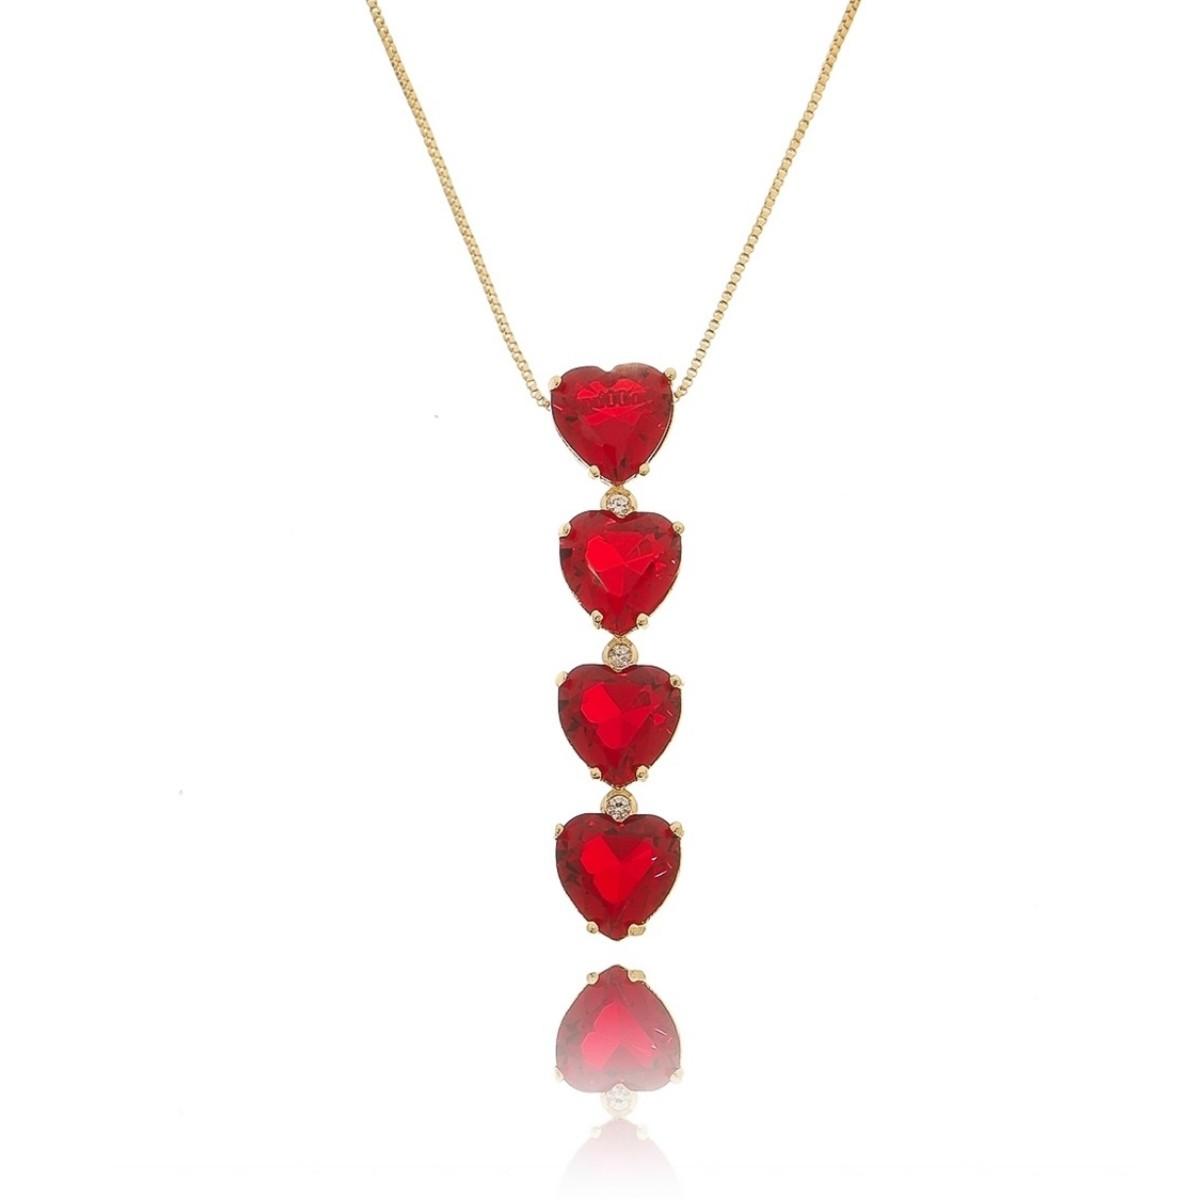 Colar Gravatinha Dourado Coração Rubi Vermelho Semijoia em Ouro 18K com Zircônia Branca Brilhante  - Soloyou